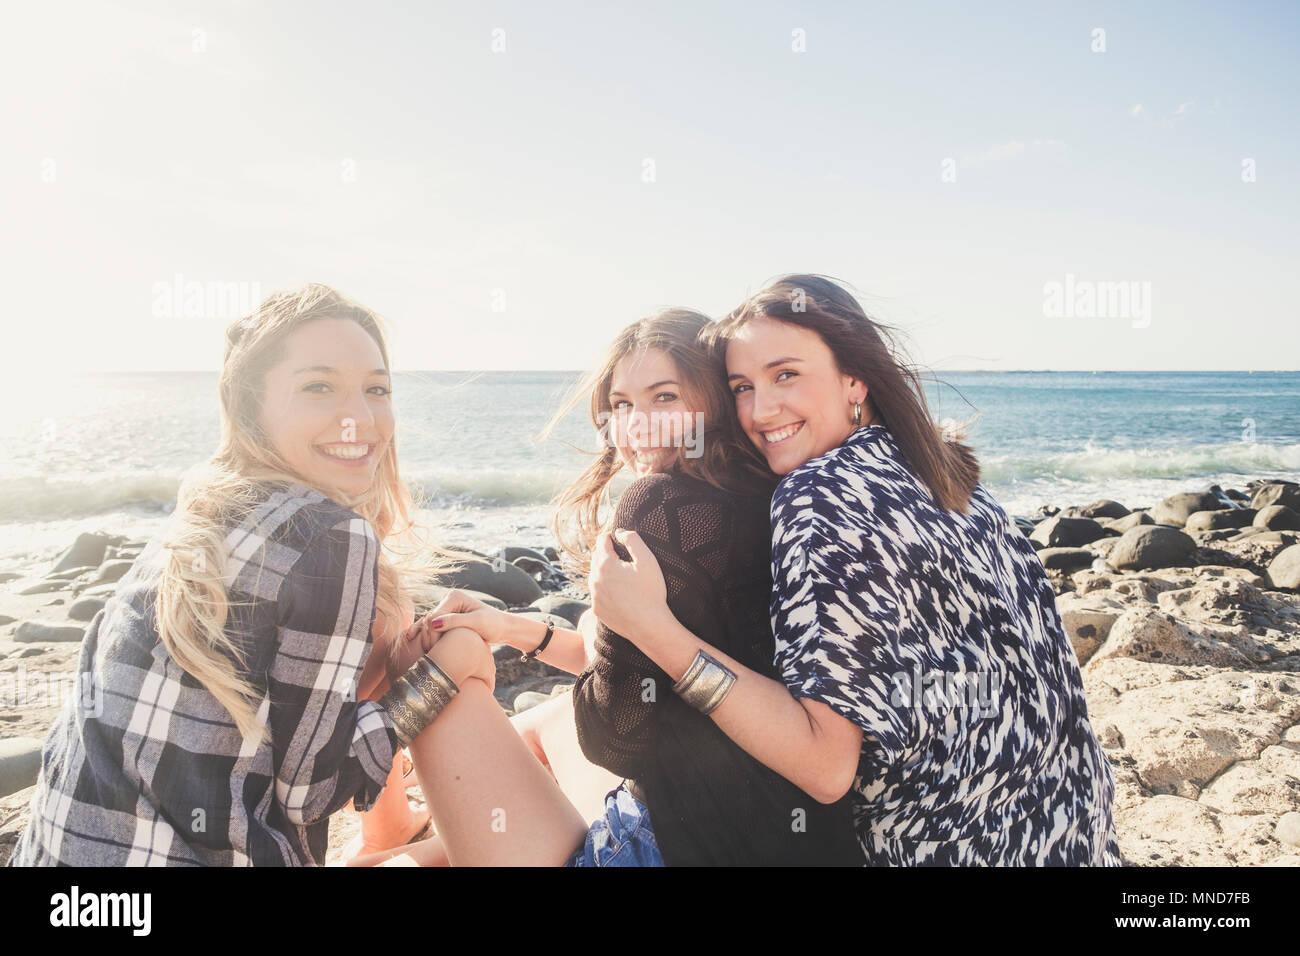 Grupo de mujer hermosa joven hablando y sonriendo aroud en una playa de piedra en la isla de Tenerife. El equipo de chicas que se divierten juntos Imagen De Stock